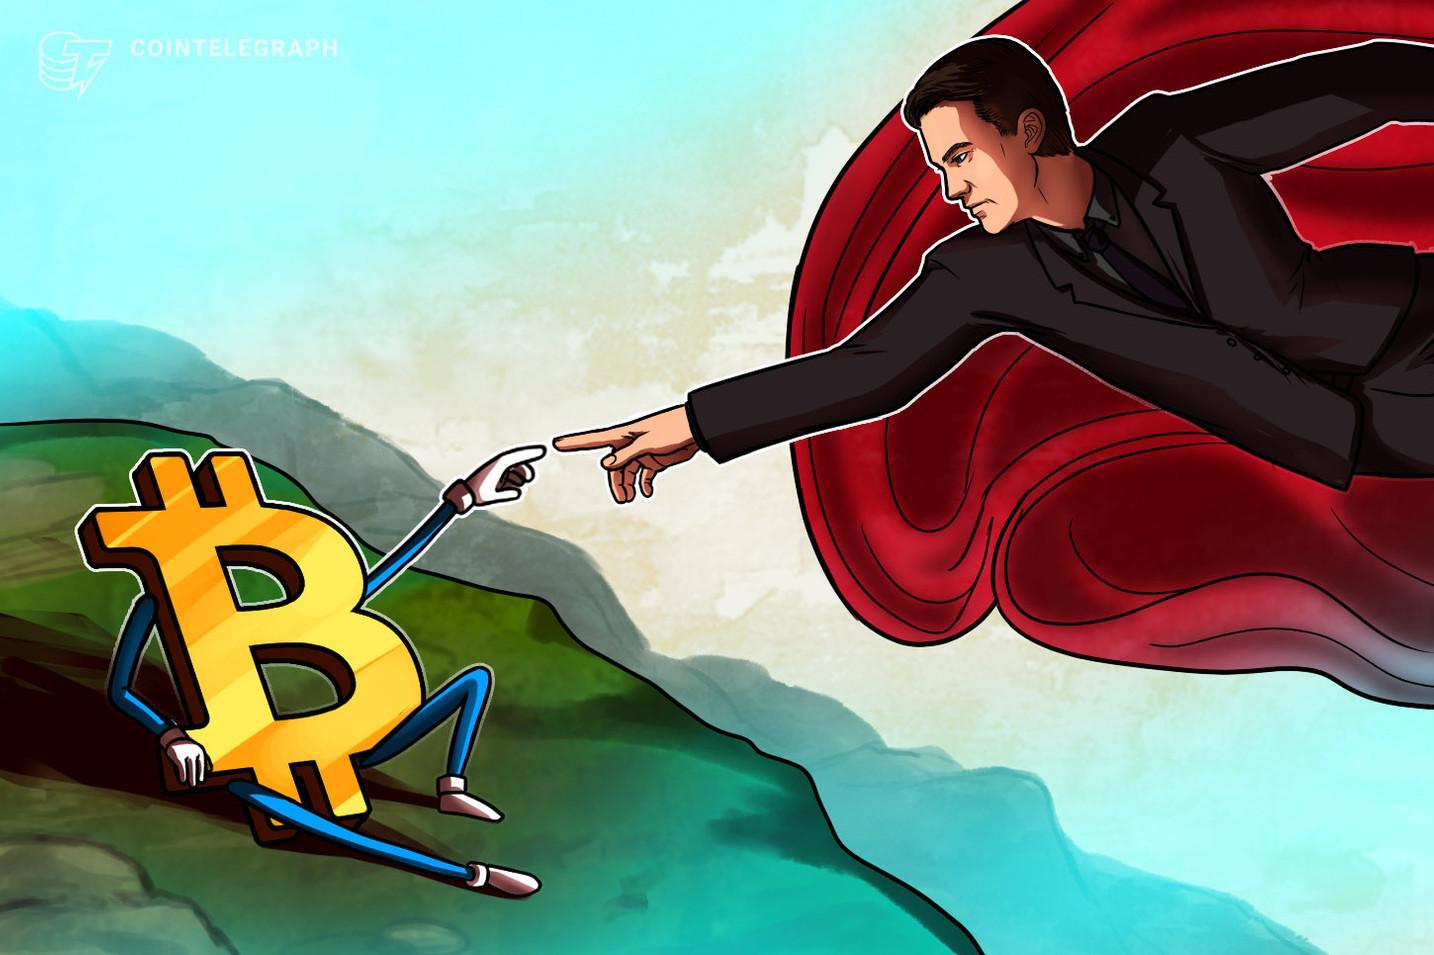 クレイグ・ライト氏「私がサトシで、サトシが私のものを盗んだ」 仮想通貨ビットコインのアイデアは08年の論文と主張【ニュース】